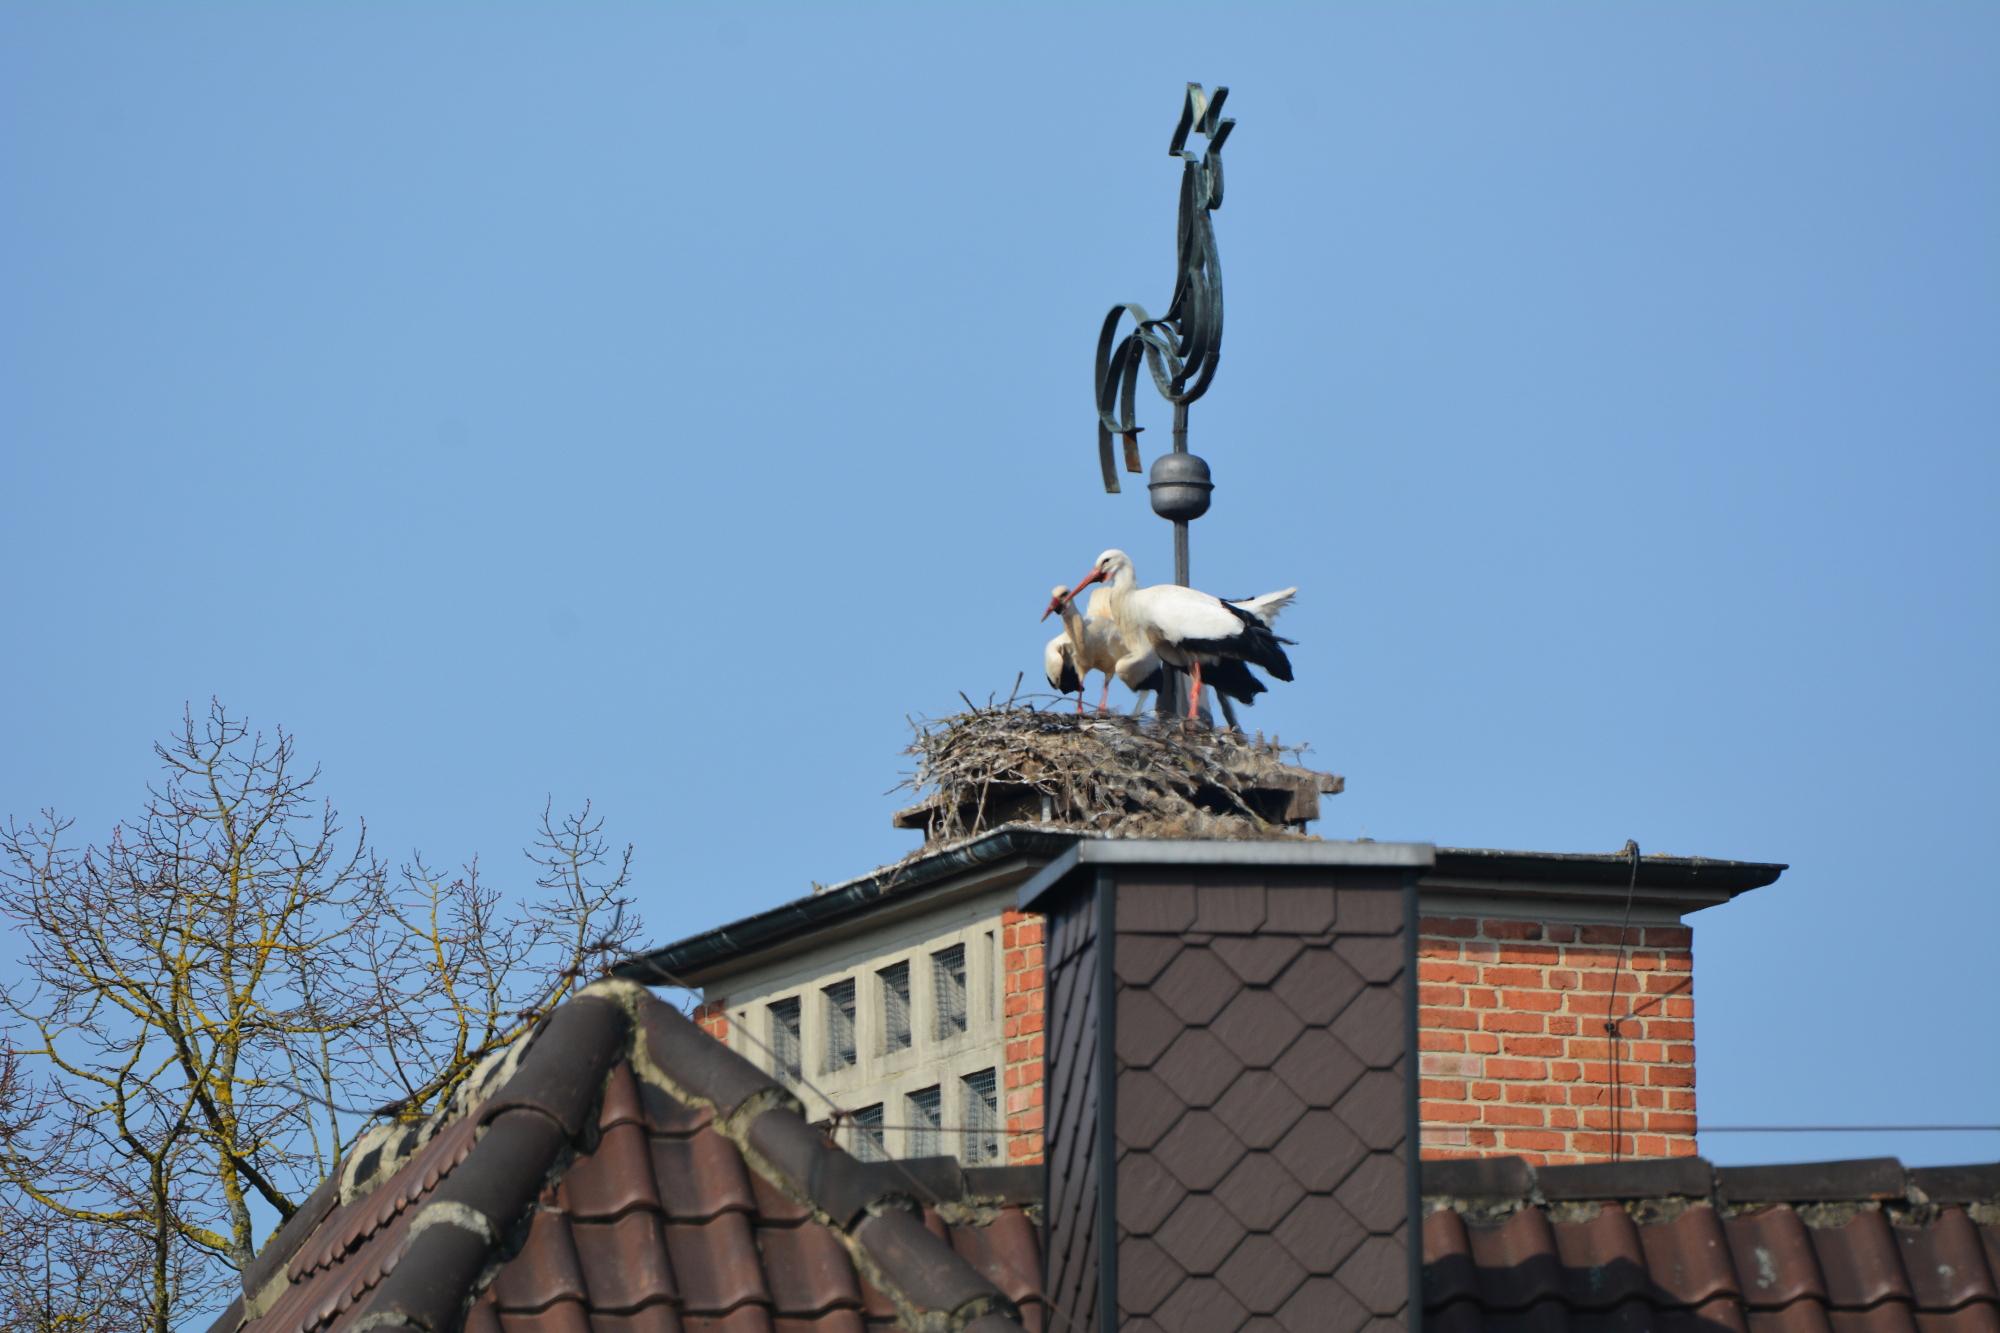 Wabern V, dort sind immer wieder die schwersten Kämpfe zu beobachten. Auf dem Dach versuchten Störche zu bauen, das Material hielt aber nicht.  Ein weiterer Kunsthorst wurde aufgestellt.